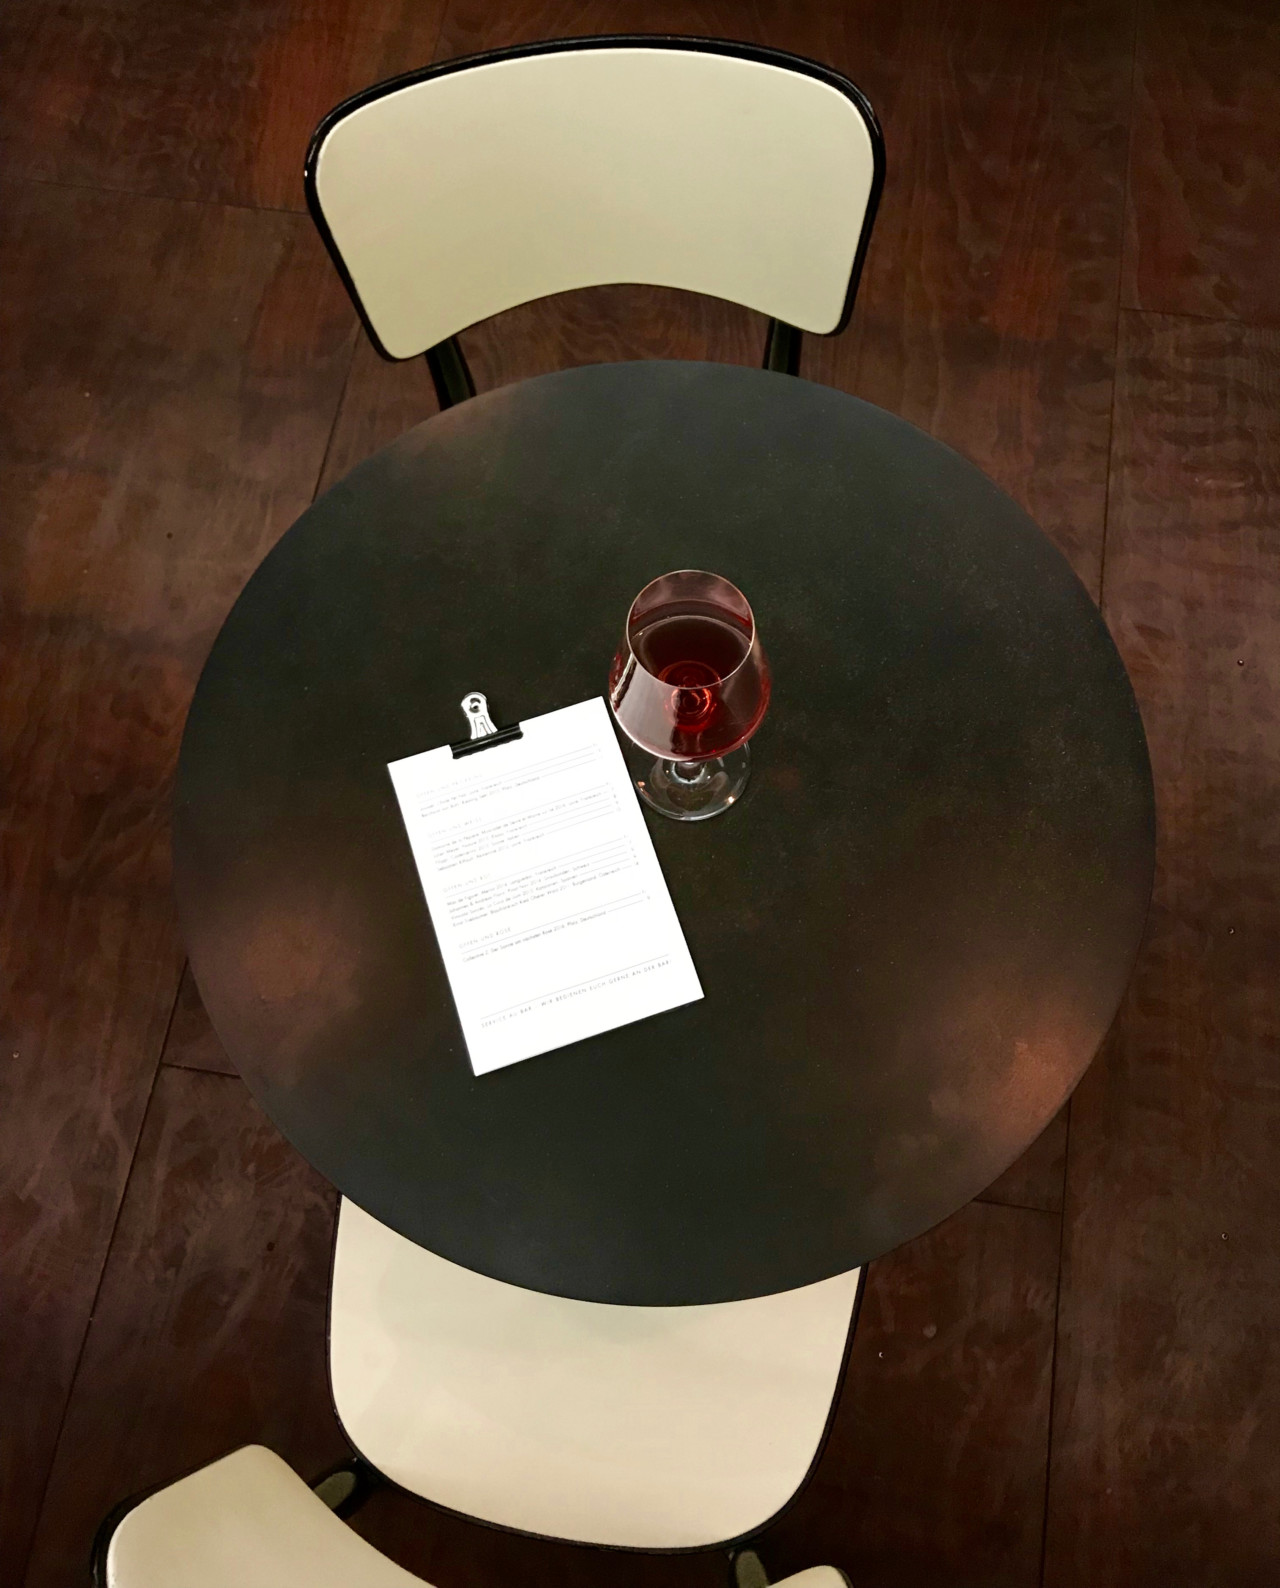 Wein-Punkt in Winterthur. Handverlesener Rotwein.